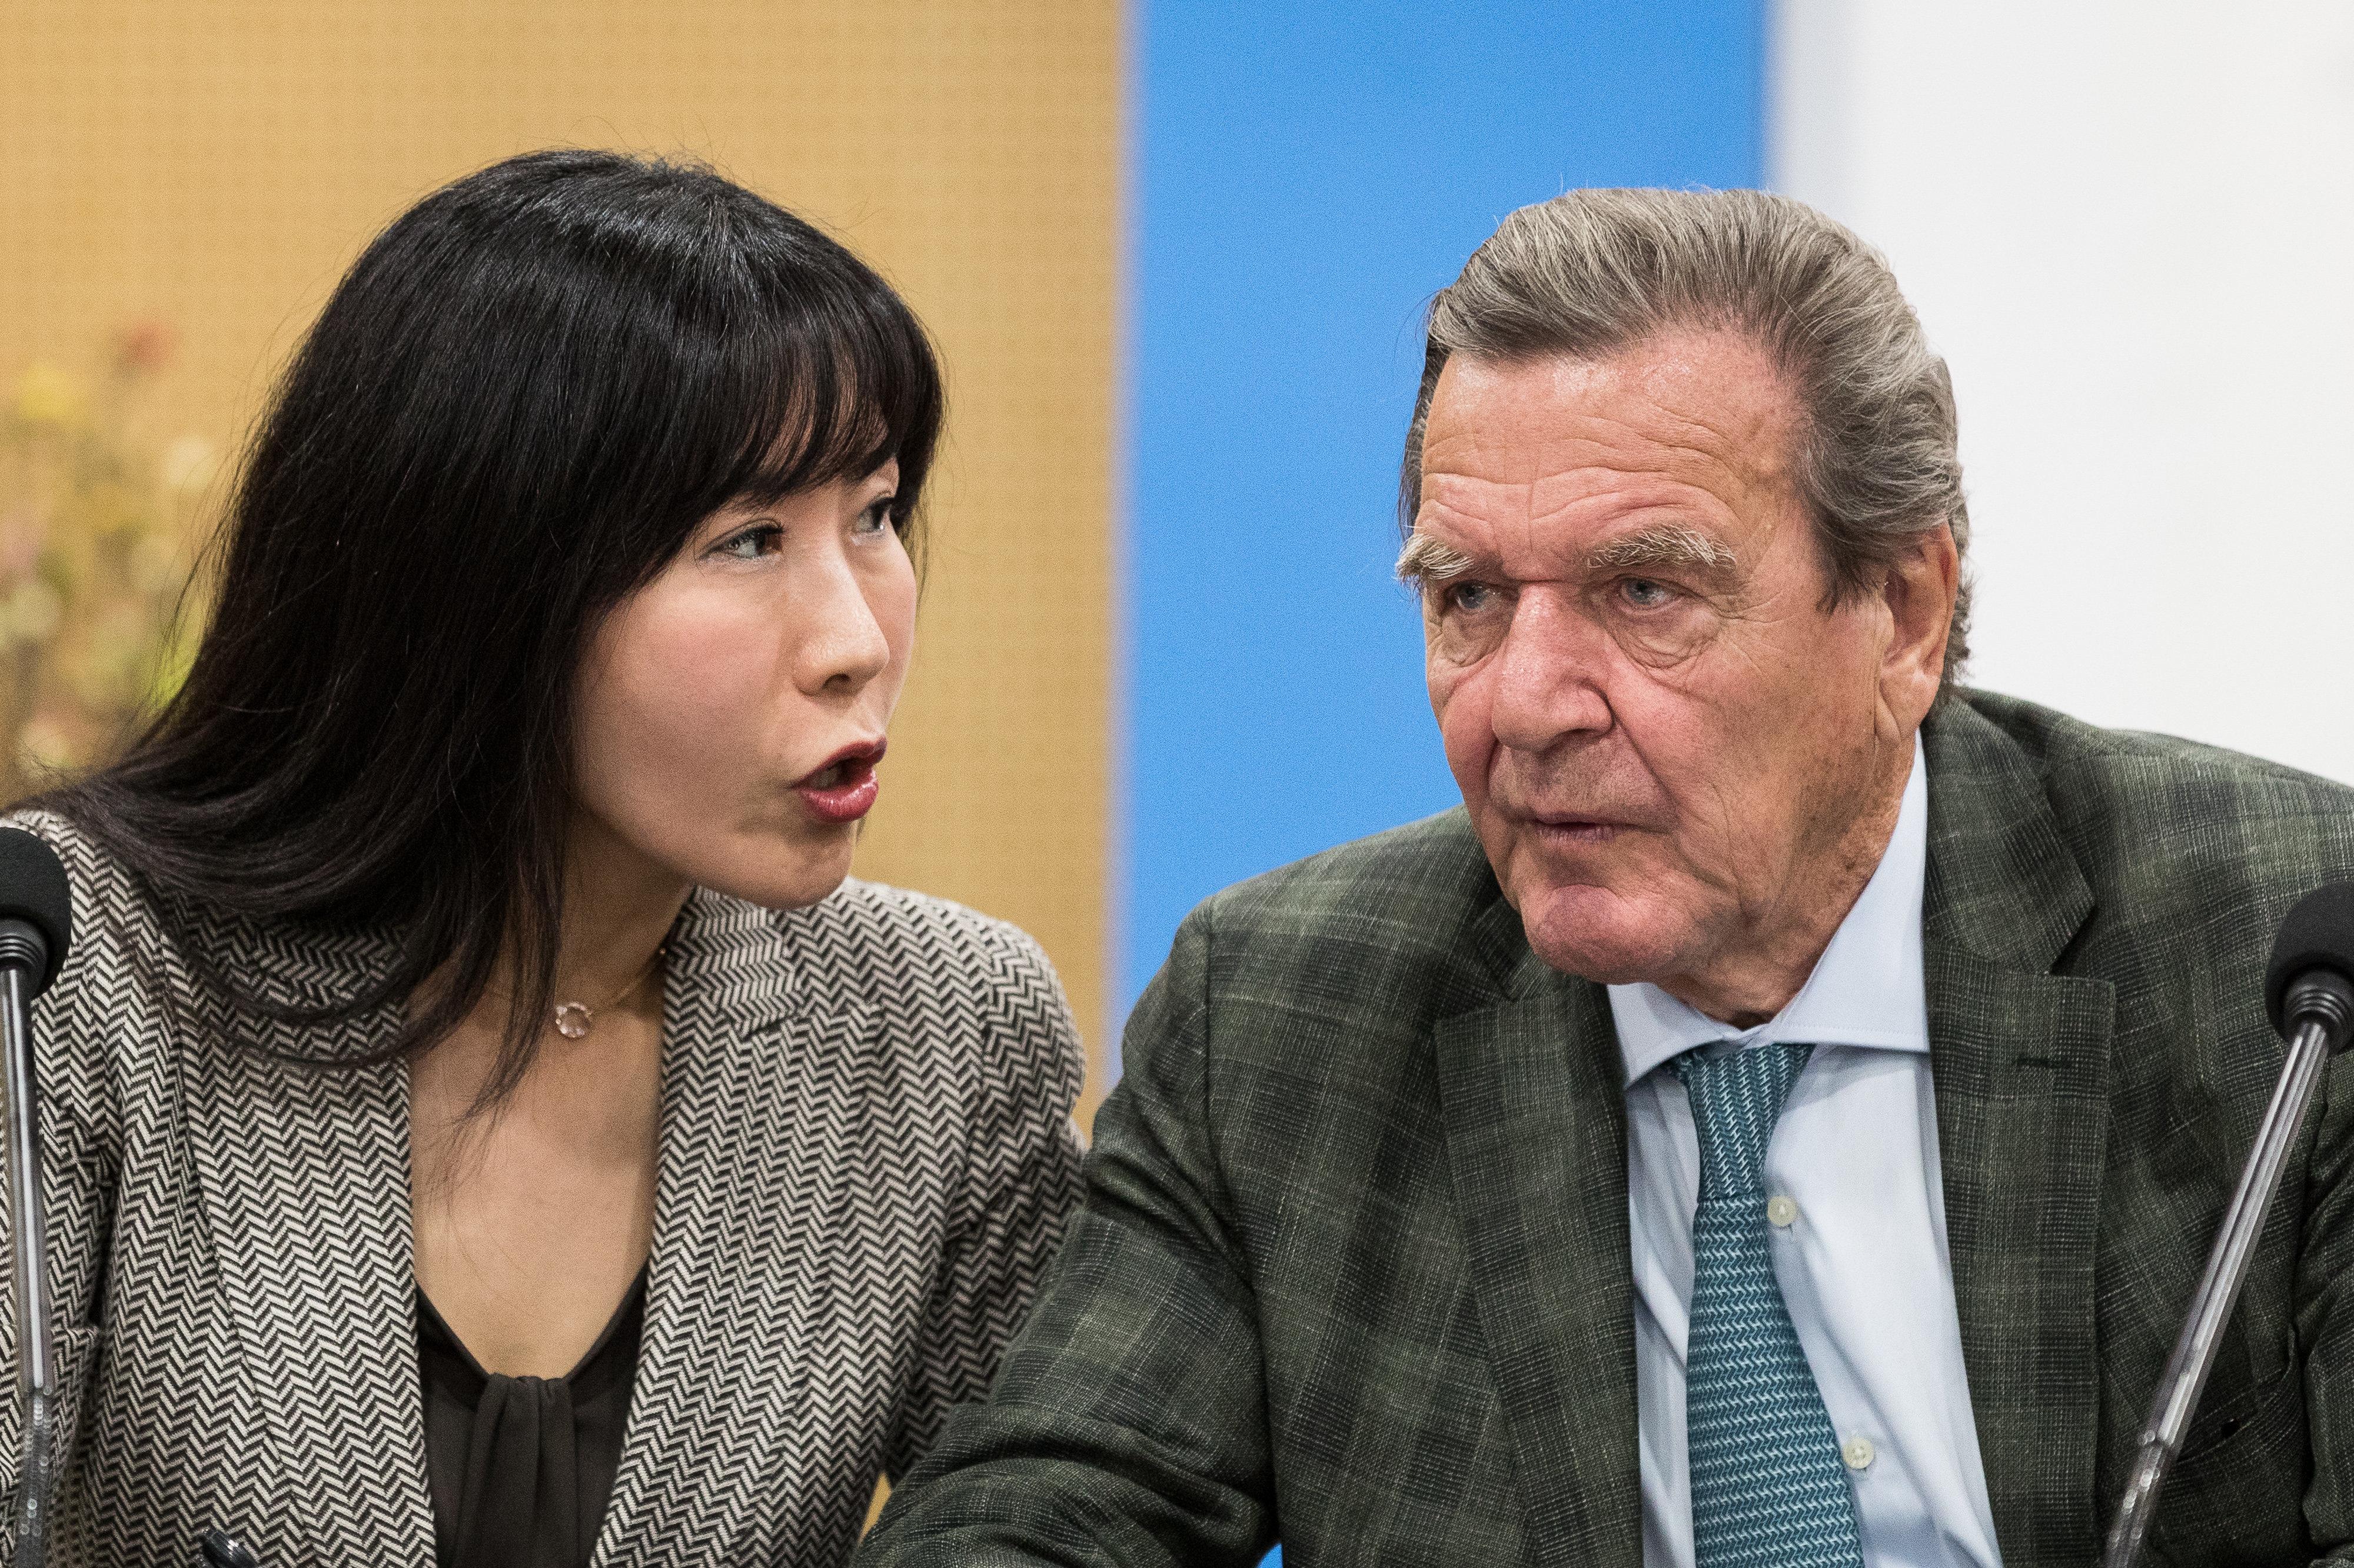 독일 전 직관한 슈뢰더 전 총리와 한국인 여자 친구의 3단 표정 변화